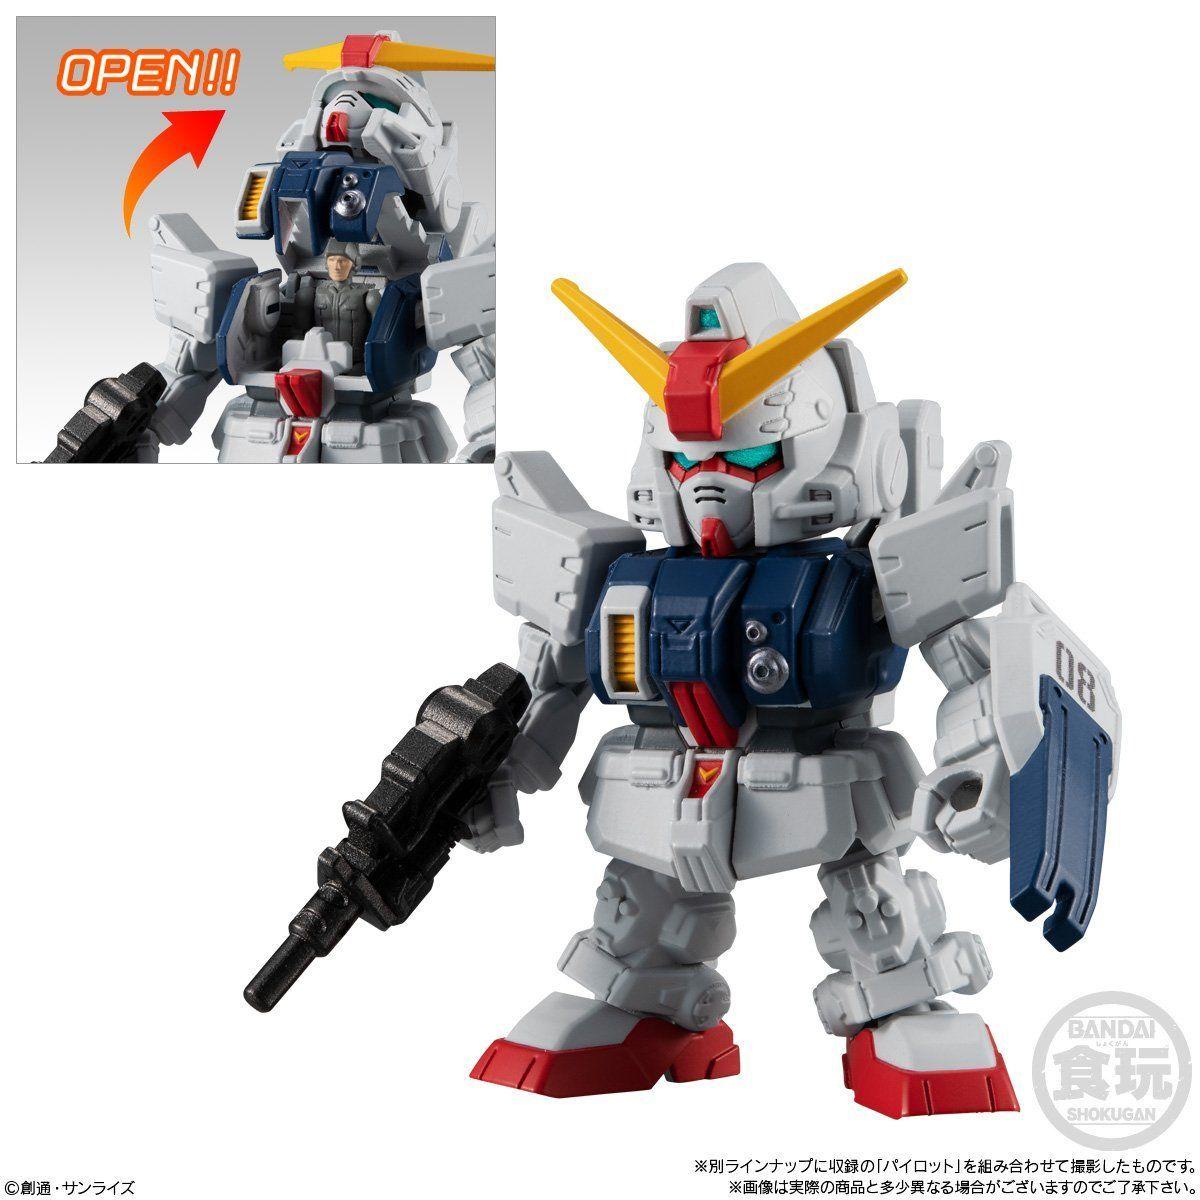 【食玩】機動戦士ガンダム『マイクロウォーズ2』10個入りBOX-002